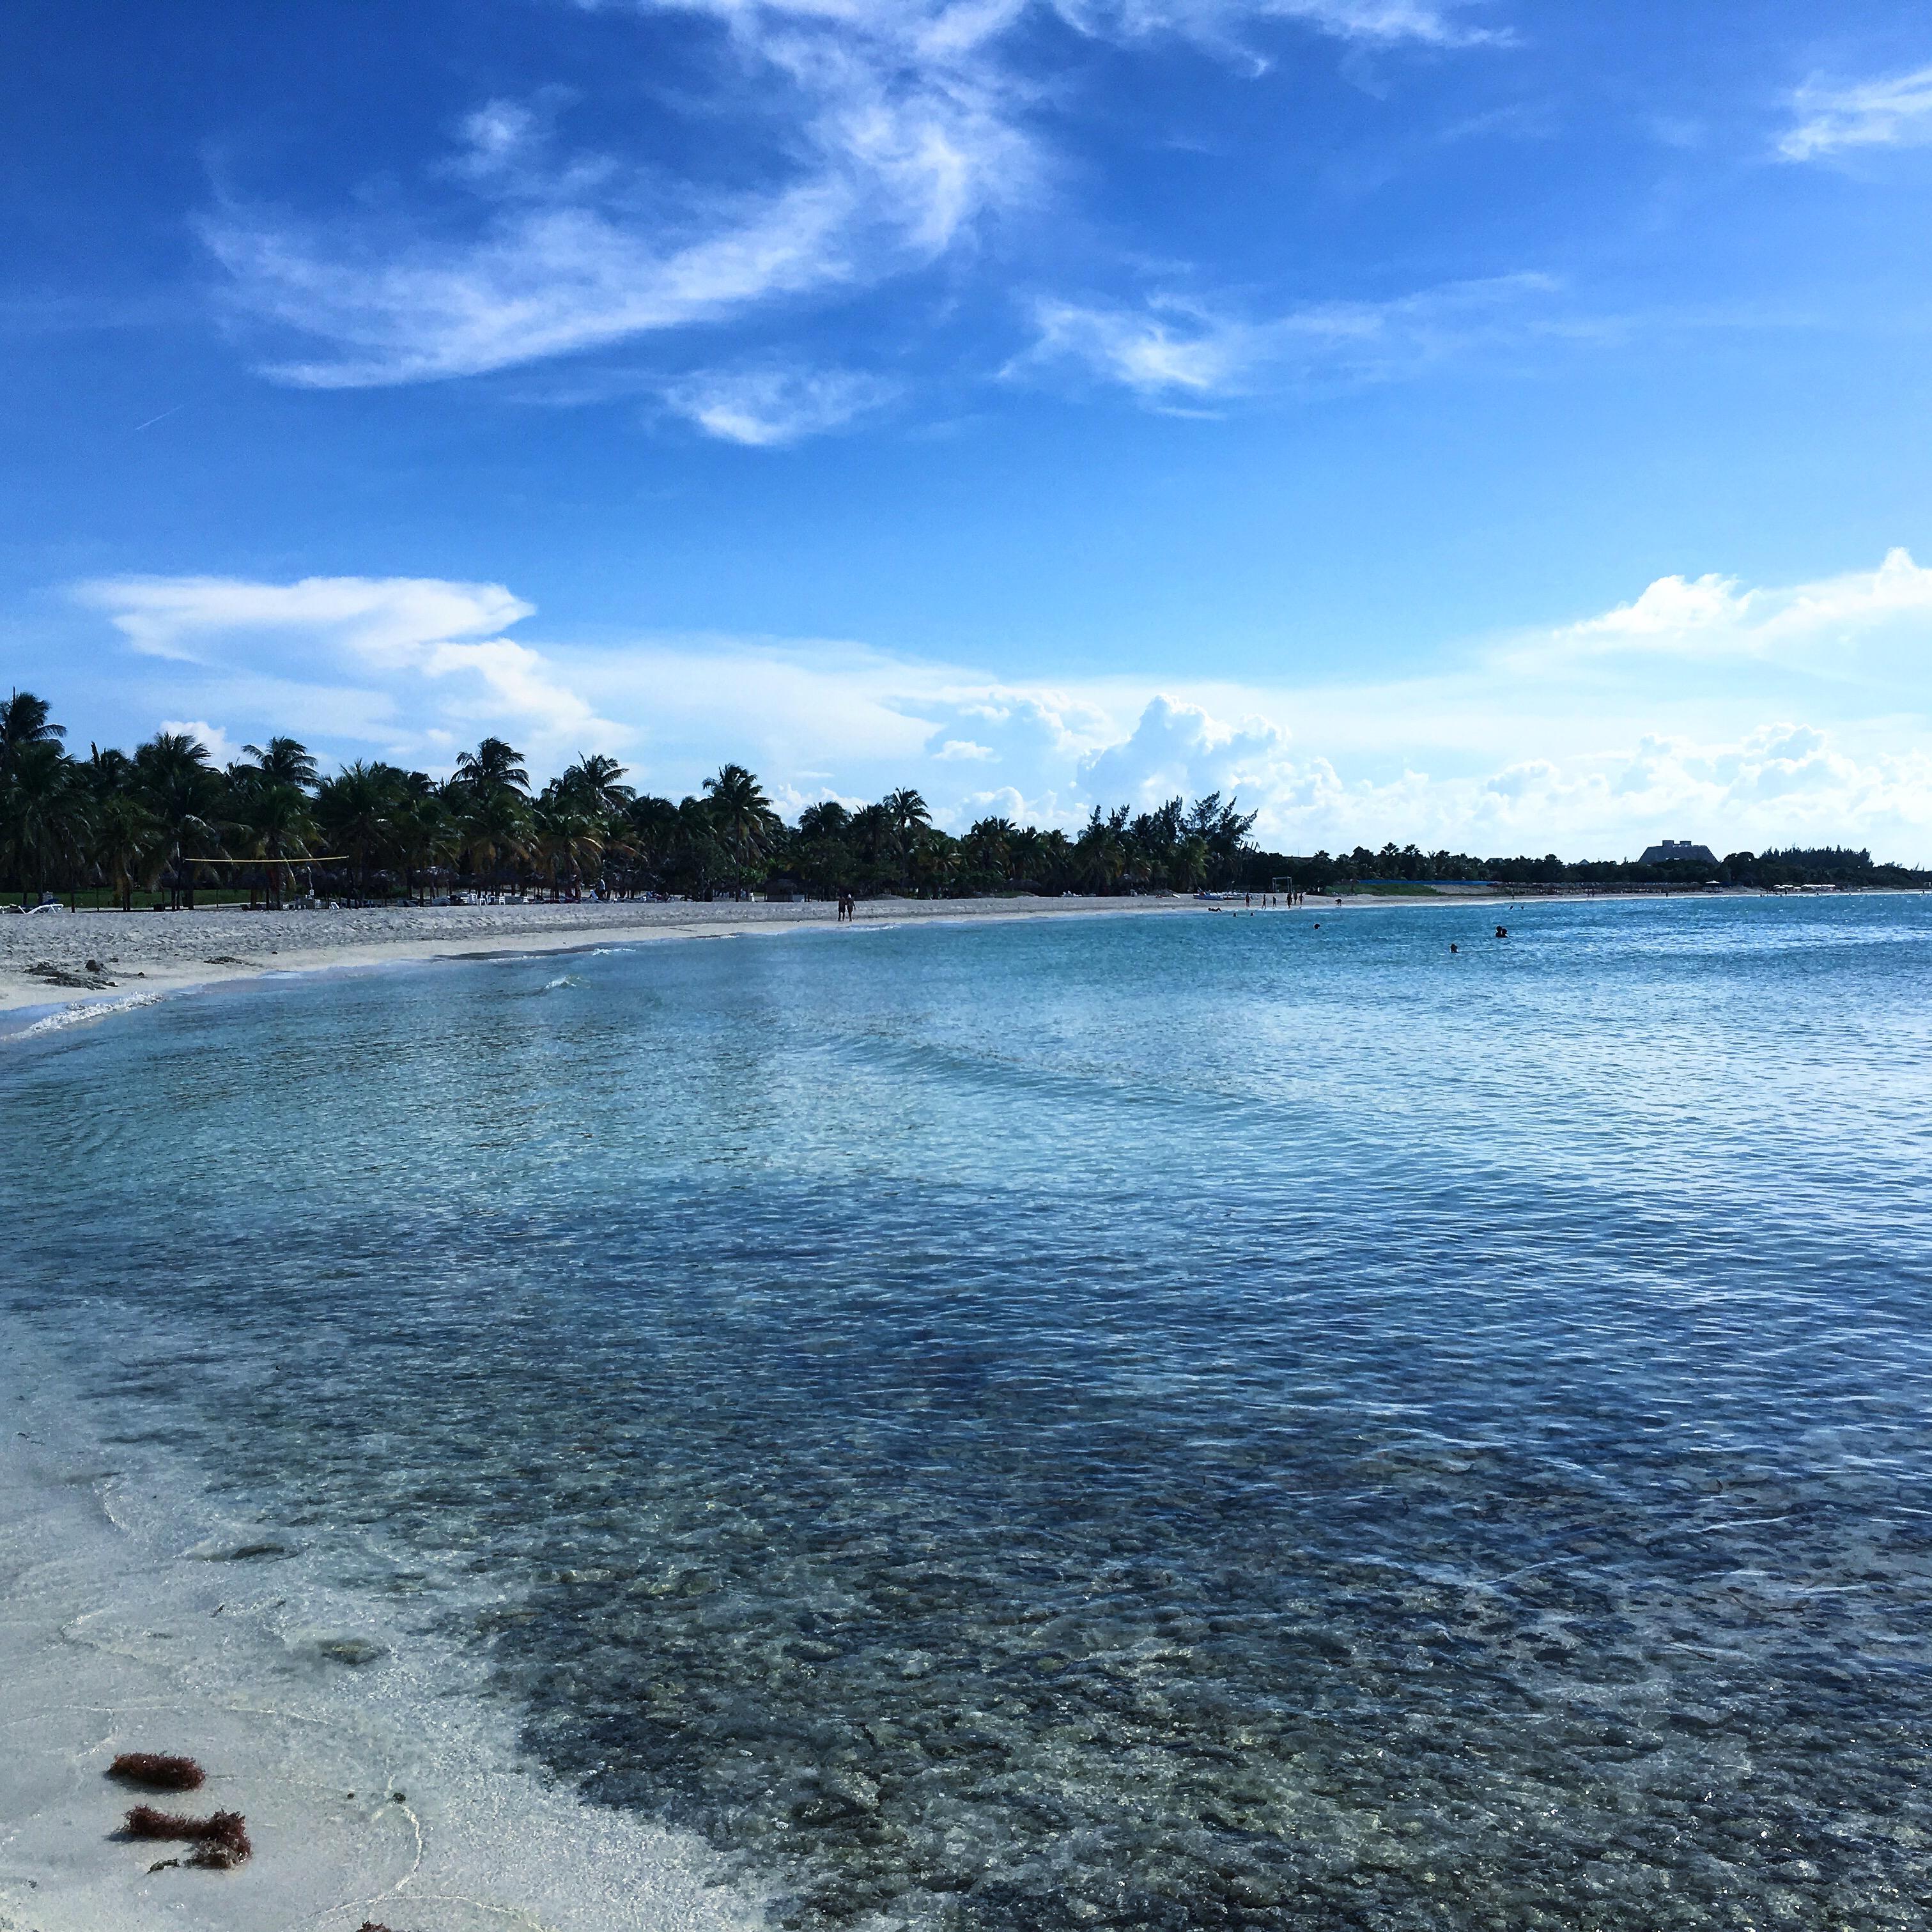 Tropical beach in Varadero, Cuba.